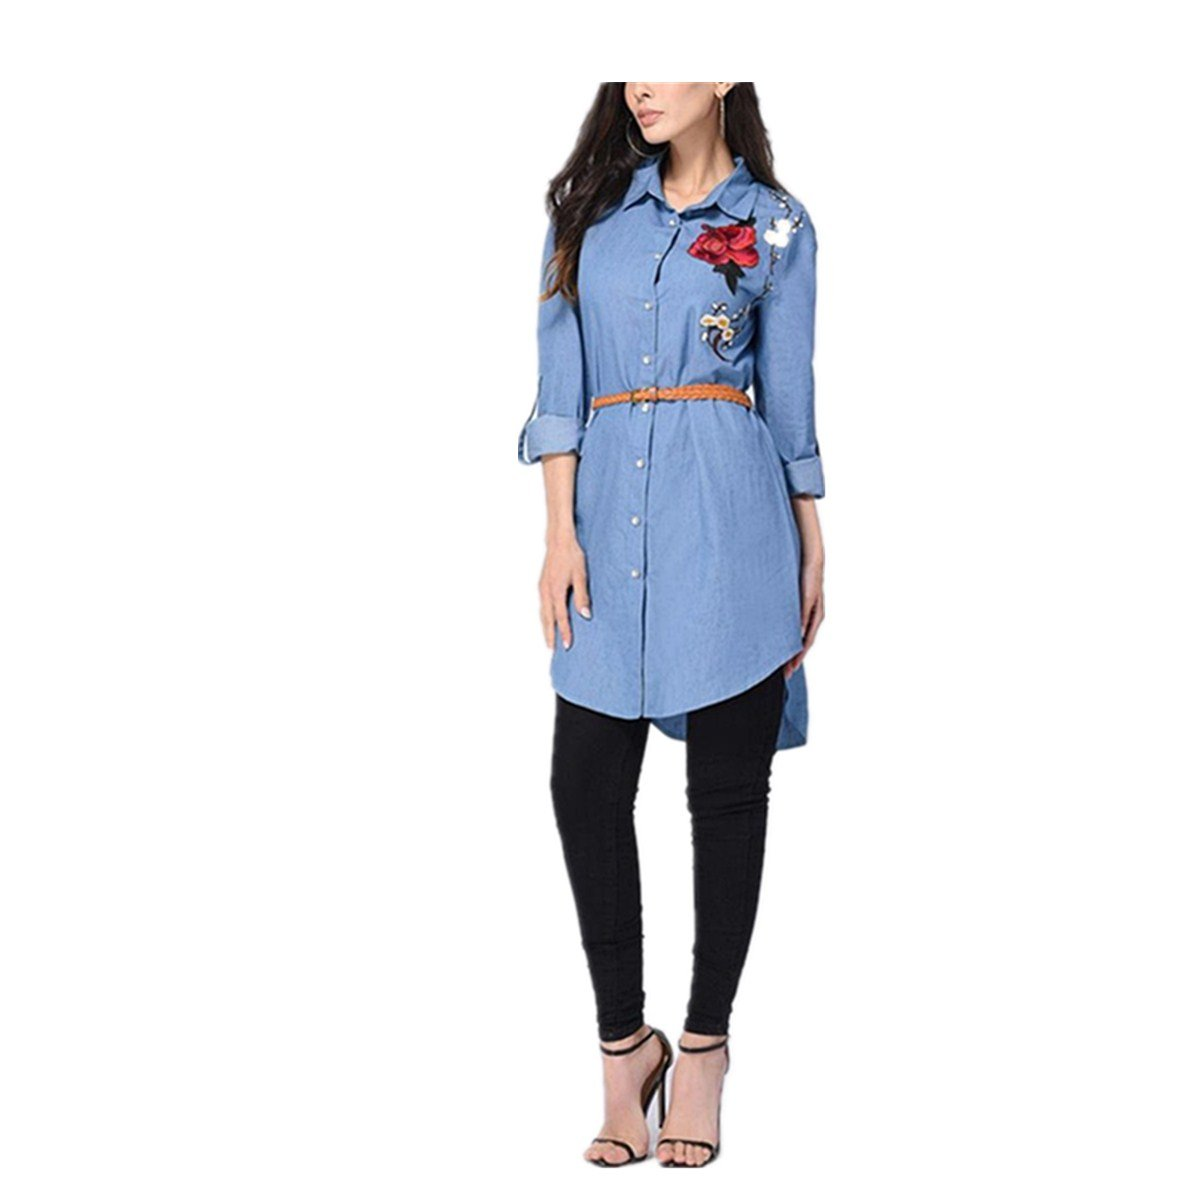 Nuovo Camicia rcamata manica lunga Koly Le camice lunghe del collare del vestito dalla camicia del collare ricamano le donne lunghe del manicotto Rosa